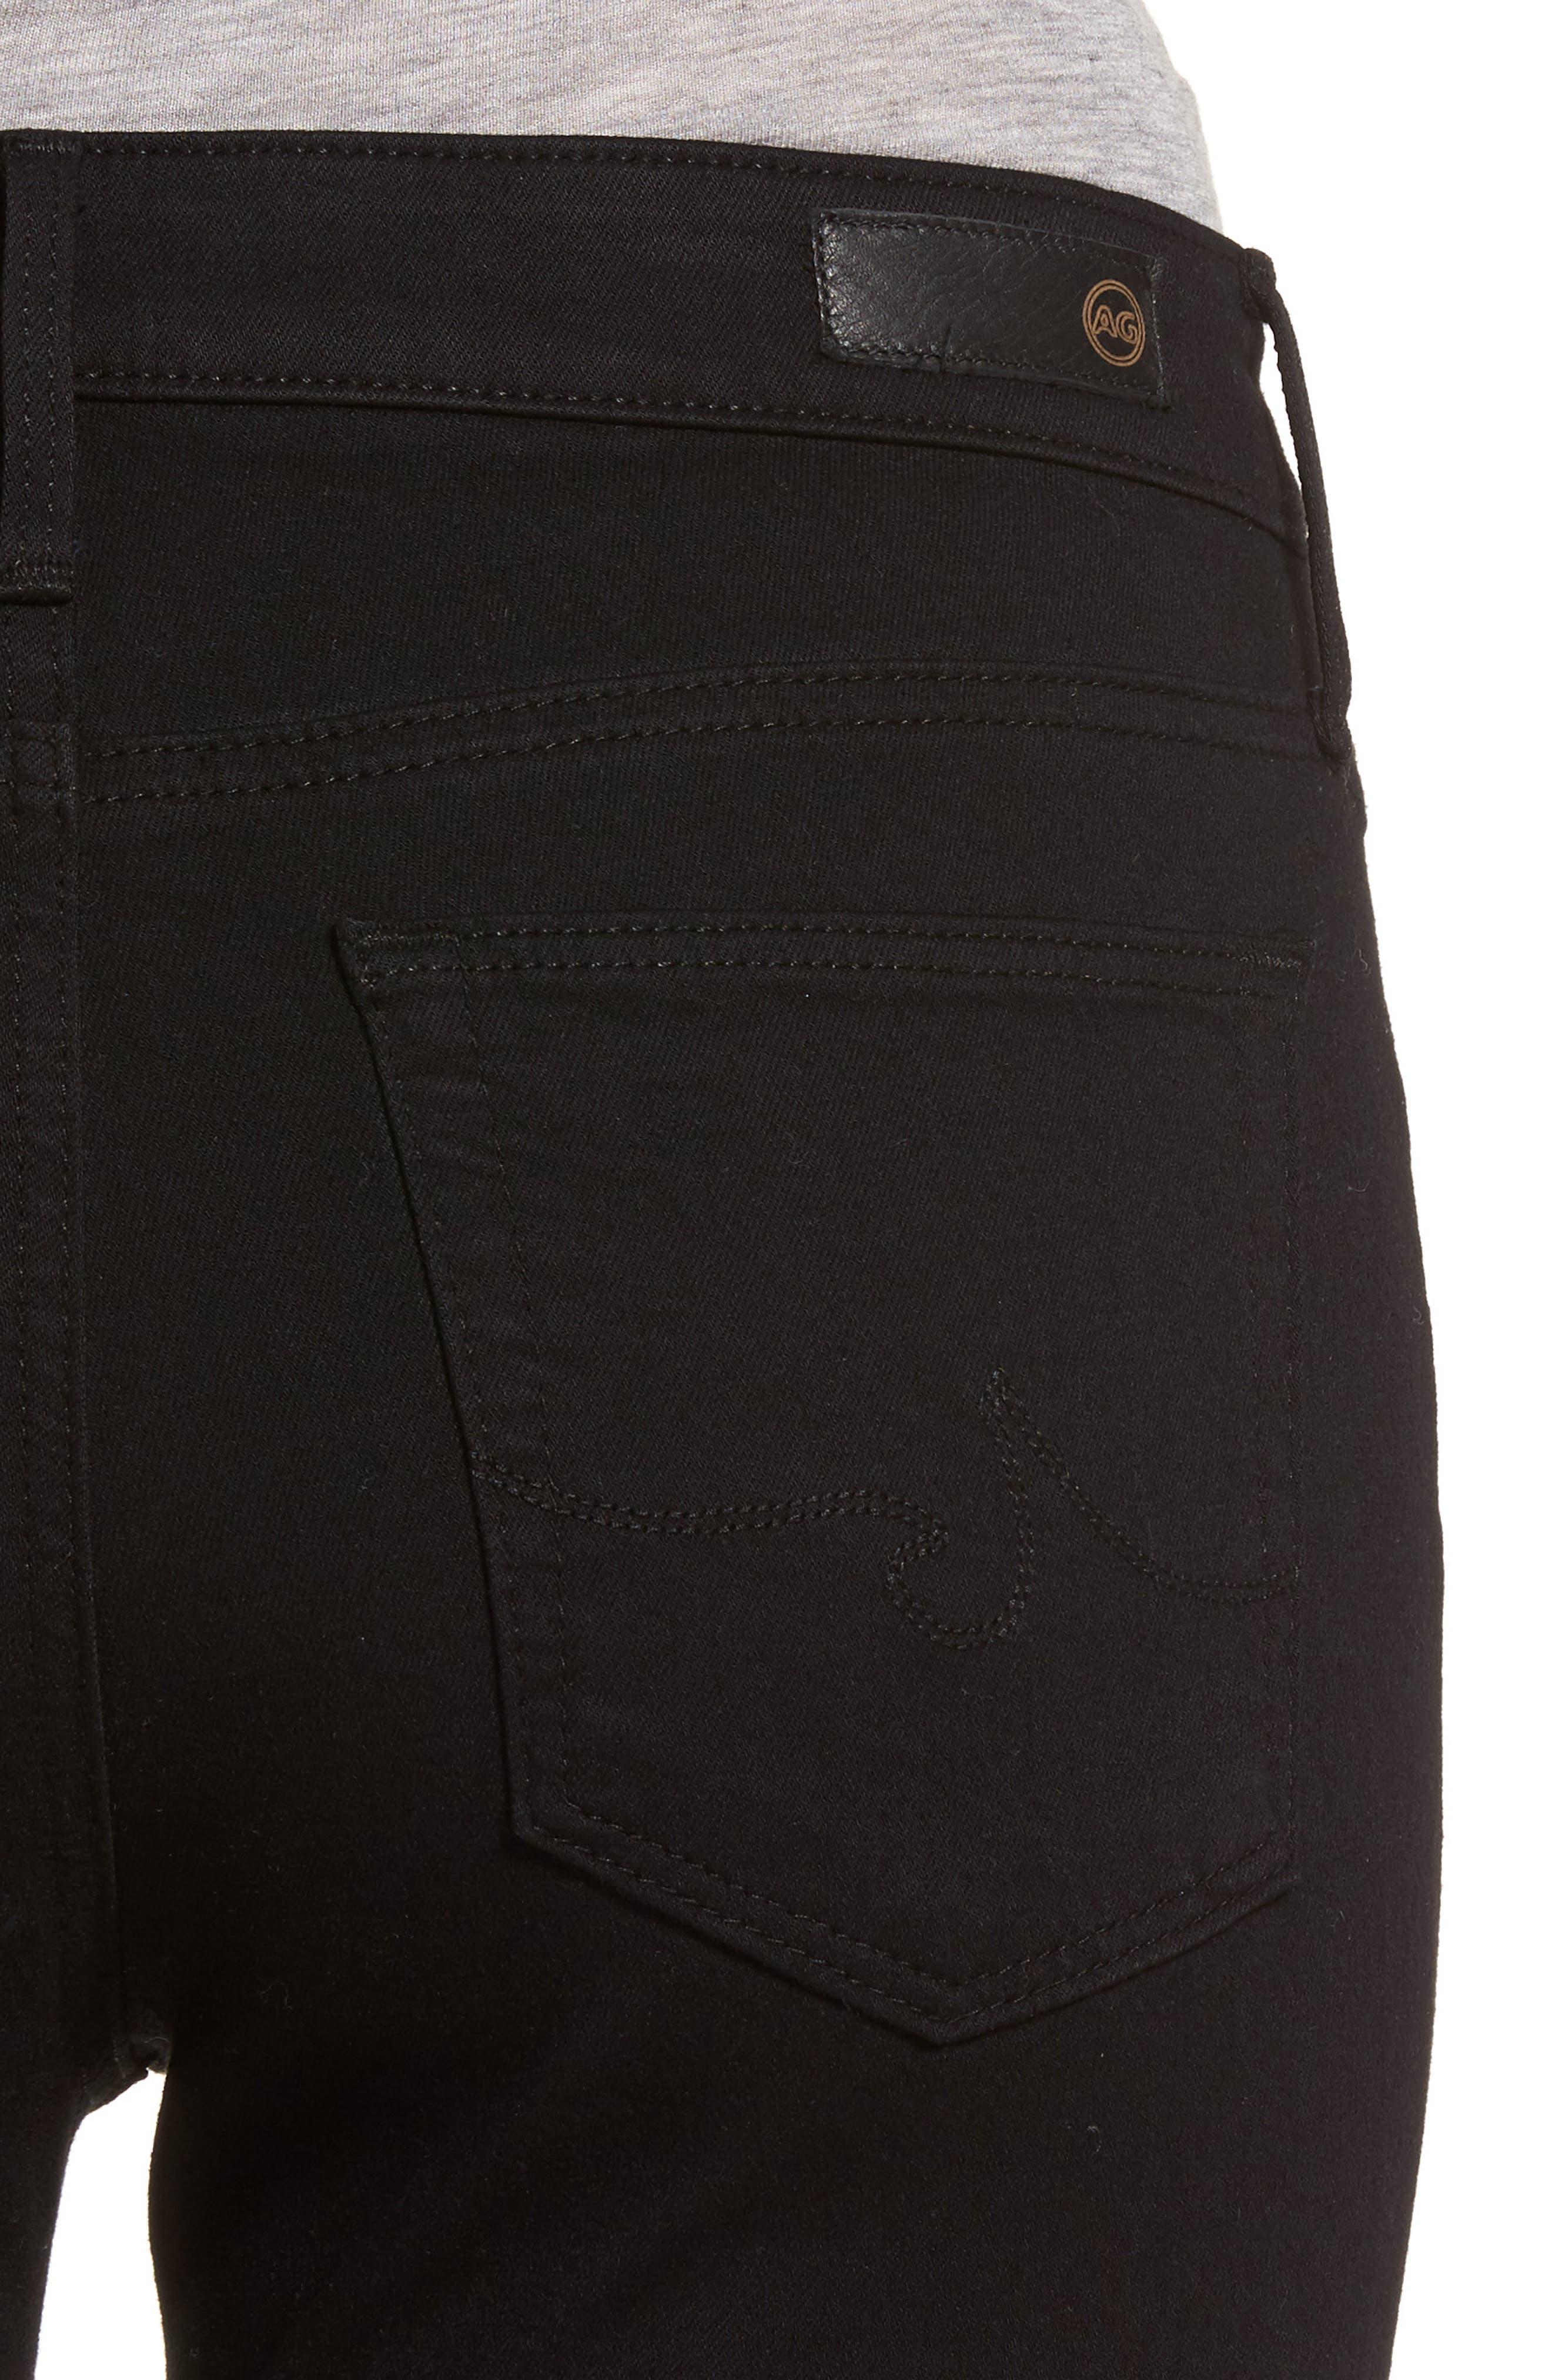 AG, Farrah High Waist Ankle Skinny Jeans, Alternate thumbnail 5, color, SUPER BLACK